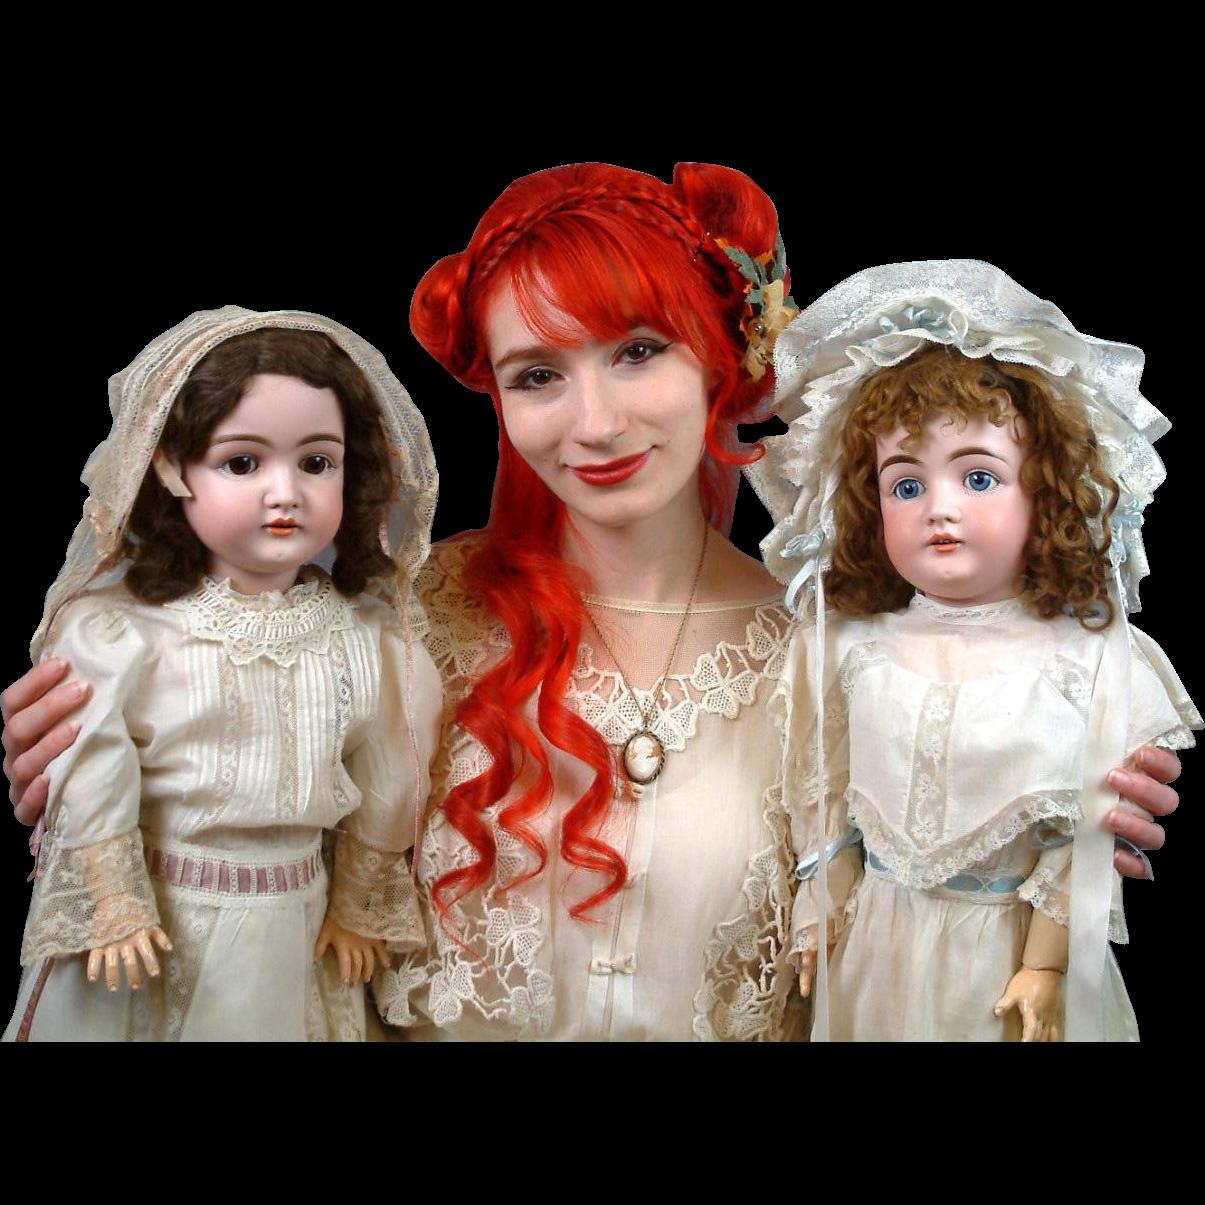 """Pair of Wonderful All Original 30"""" Kestner Child Dolls in Crispy Whites"""